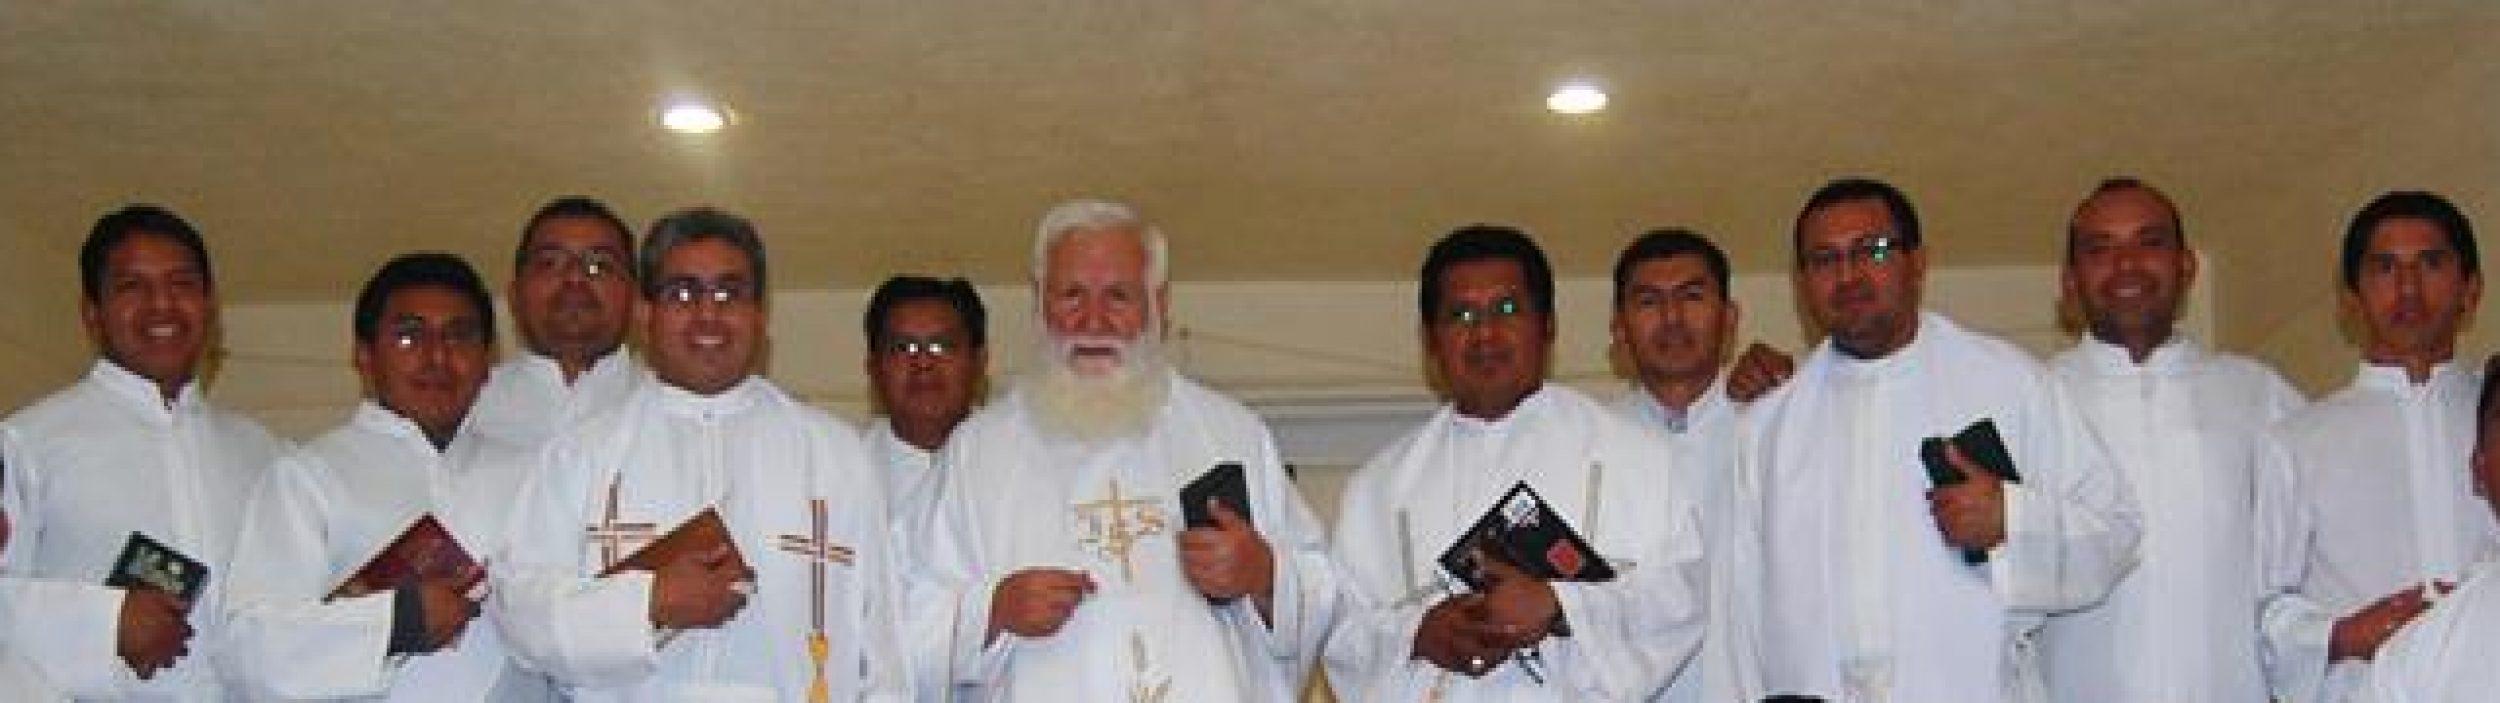 Misioneros Apóstoles de la Palabra